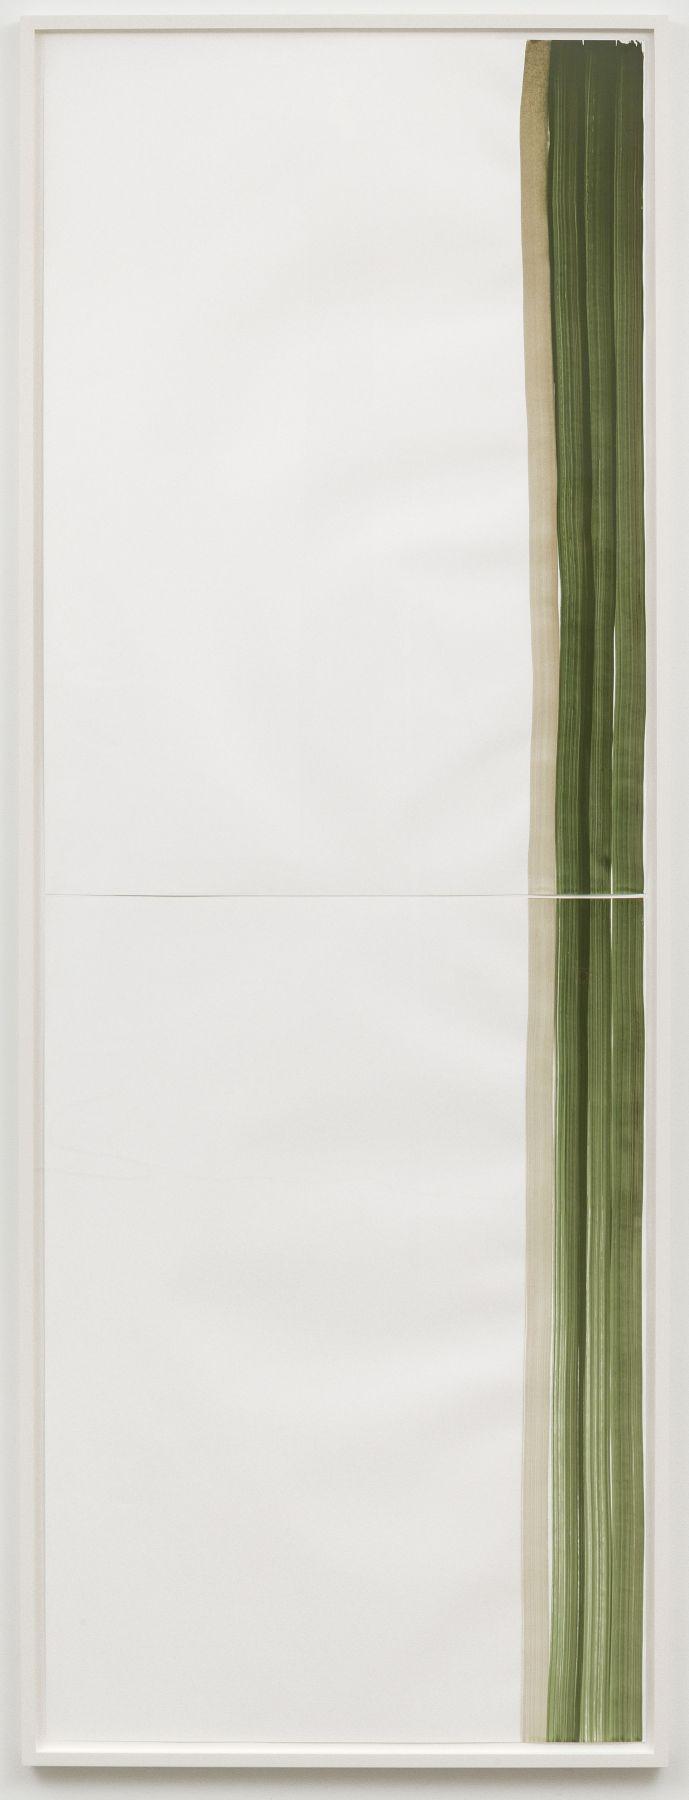 Silvia Bächli, Mantel Nr 30